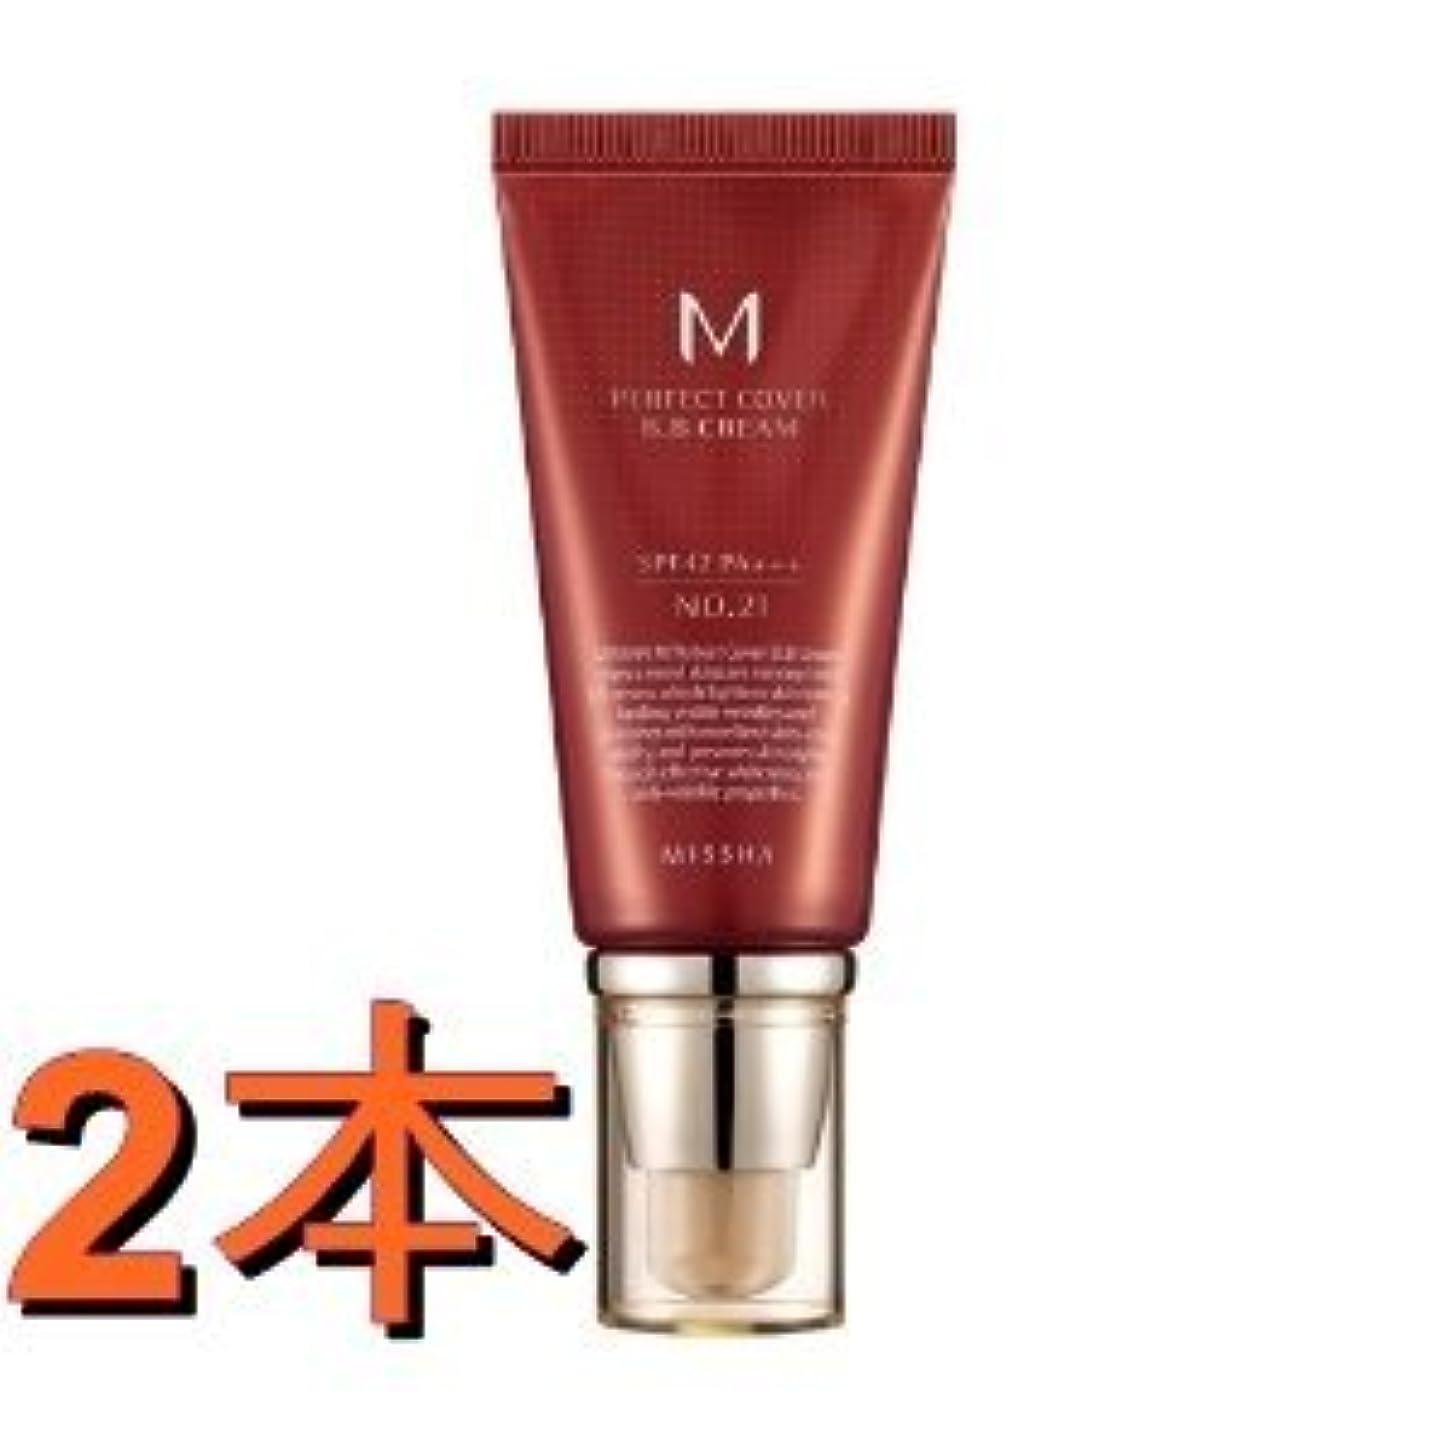 ミントレオナルドダ要求ミシャ(MISSHA) M パーフェクトカバー BB クリーム 2本セット NO.23 (ナチュラルでおちつきのある肌色) SPF42 PA++ 50ml[並行輸入品]